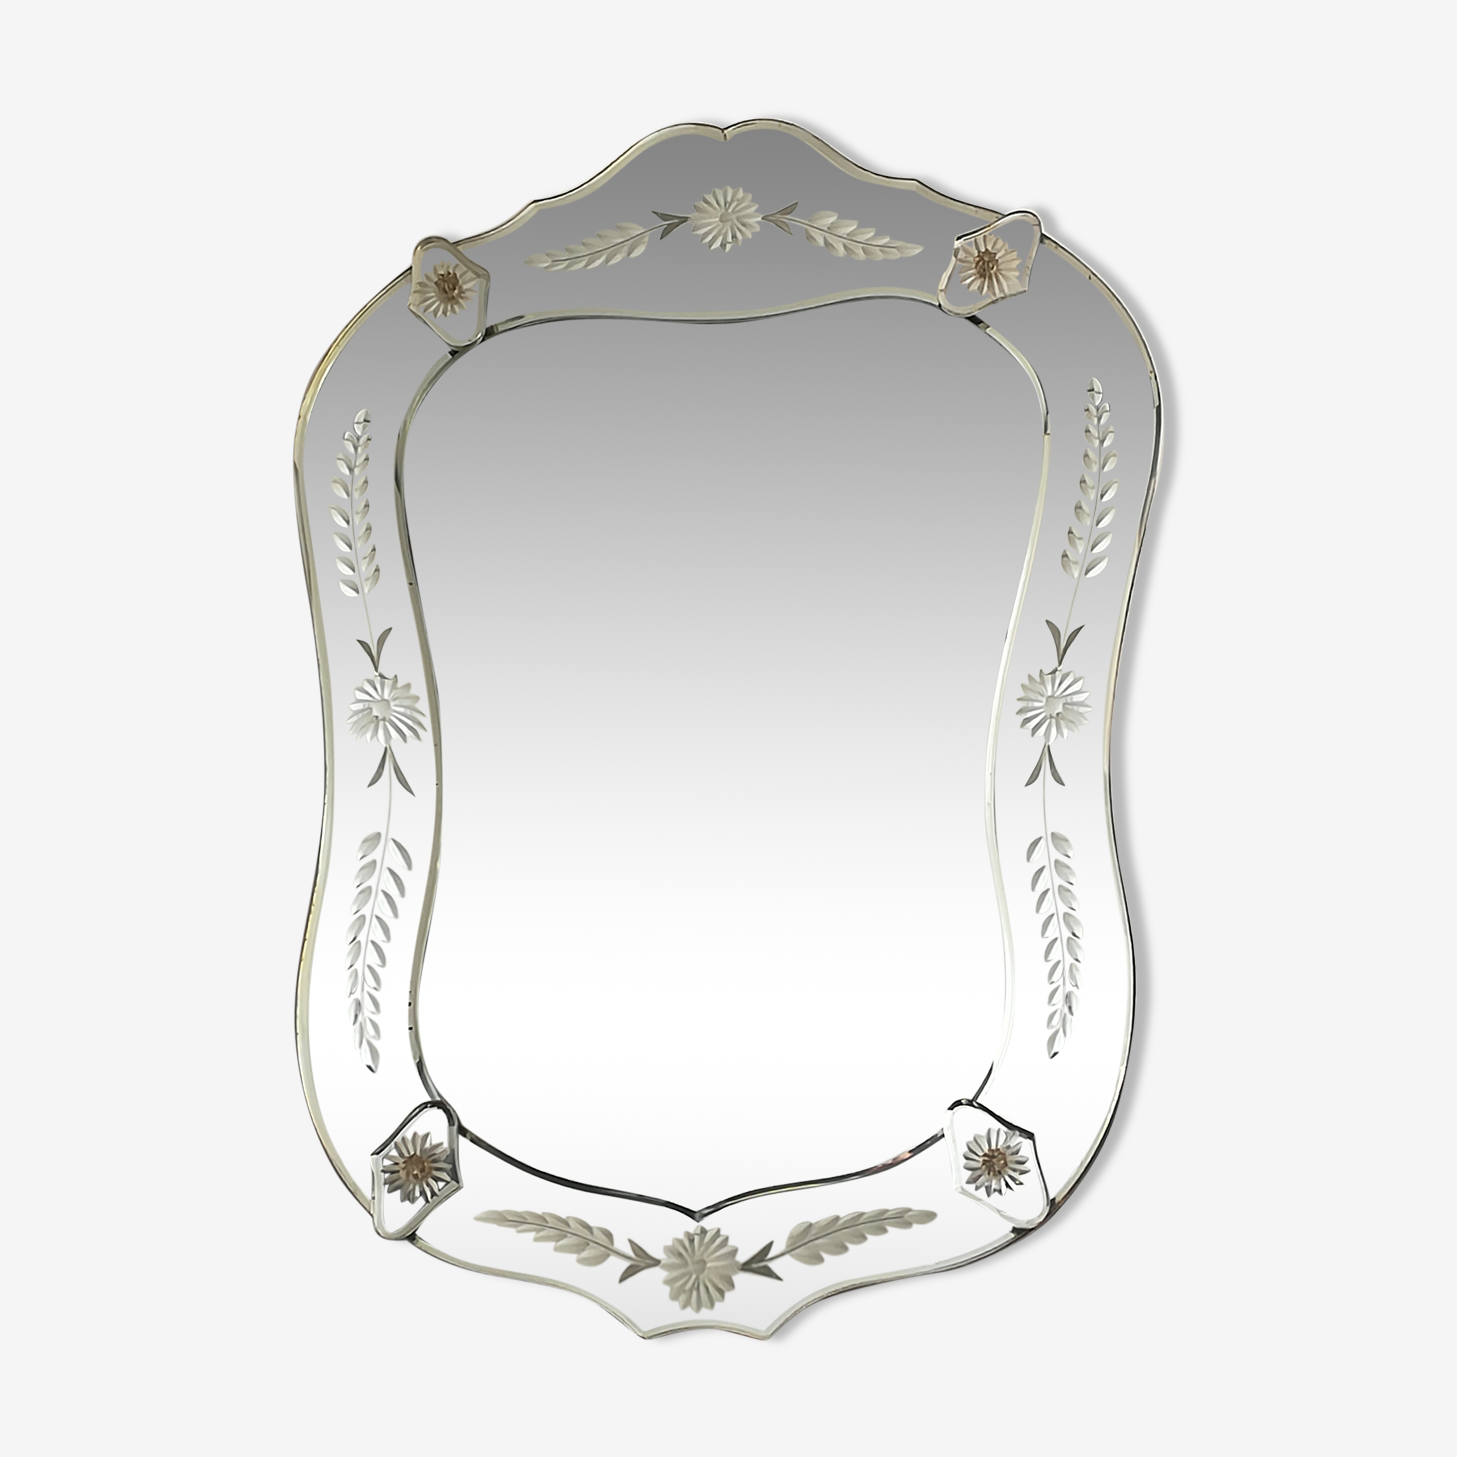 Miroir venitien des années 40 Italie 40x55cm